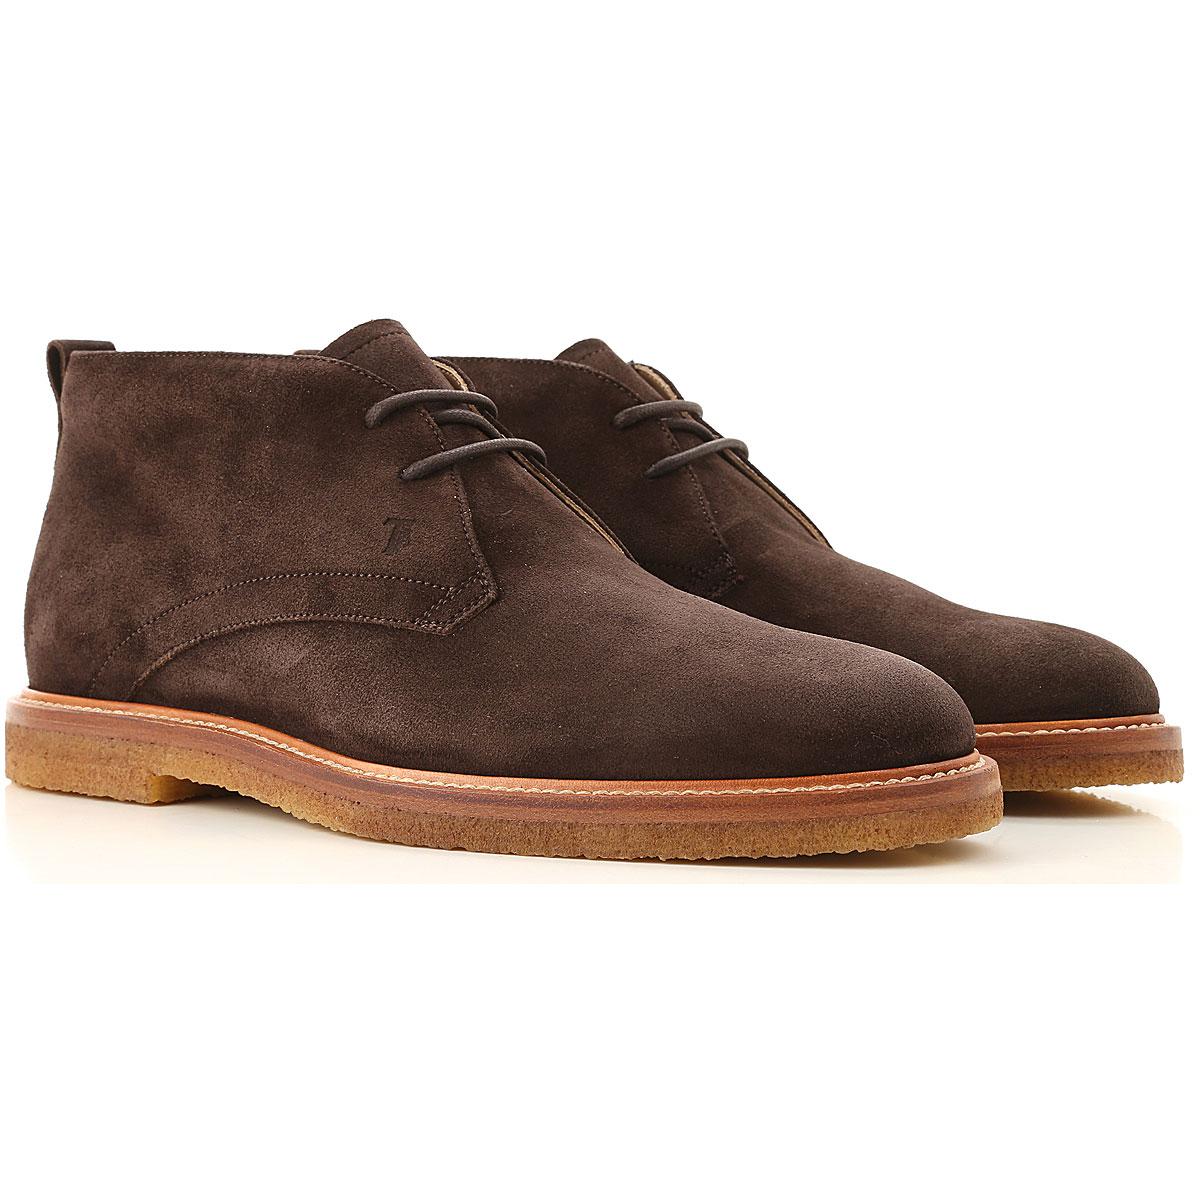 Tods Boots for Men, Booties On Sale, Dark Brown, suede, 2019, 10.5 11 7 8.5 9 9.5